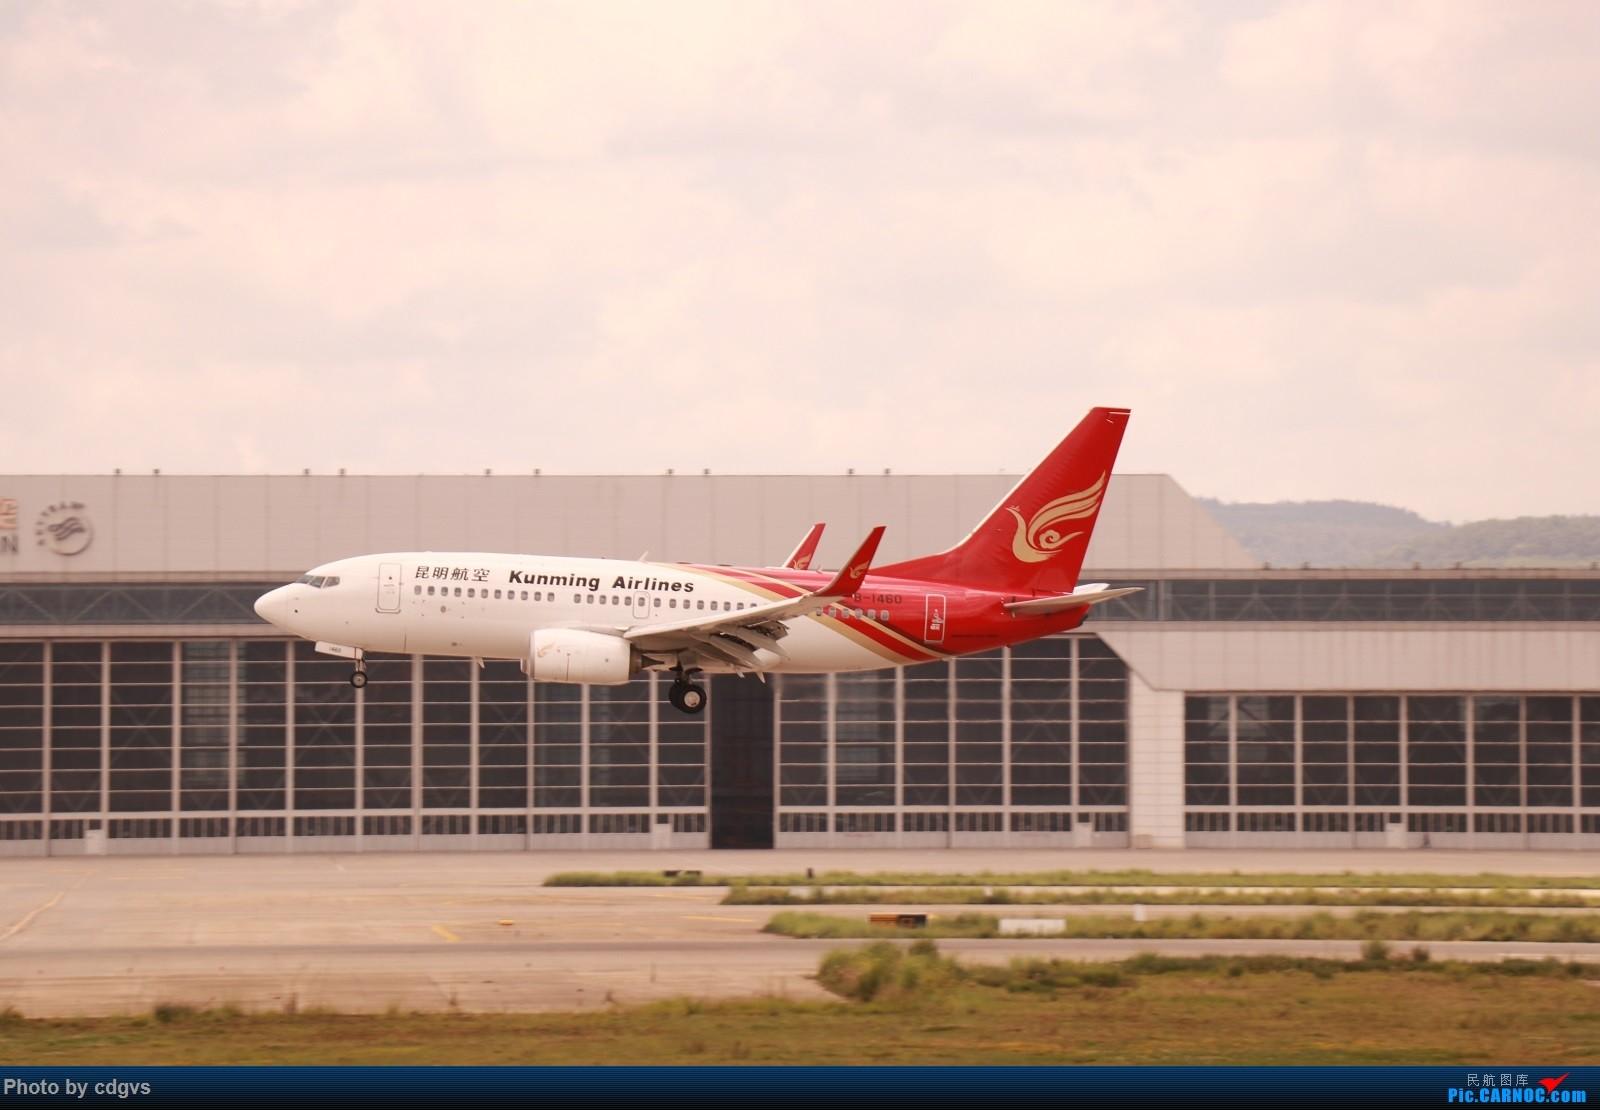 Re:[原创]【KMG】昆明的一天 1600大图 一次看个爽 BOEING 737-700 B-1460 中国昆明长水国际机场